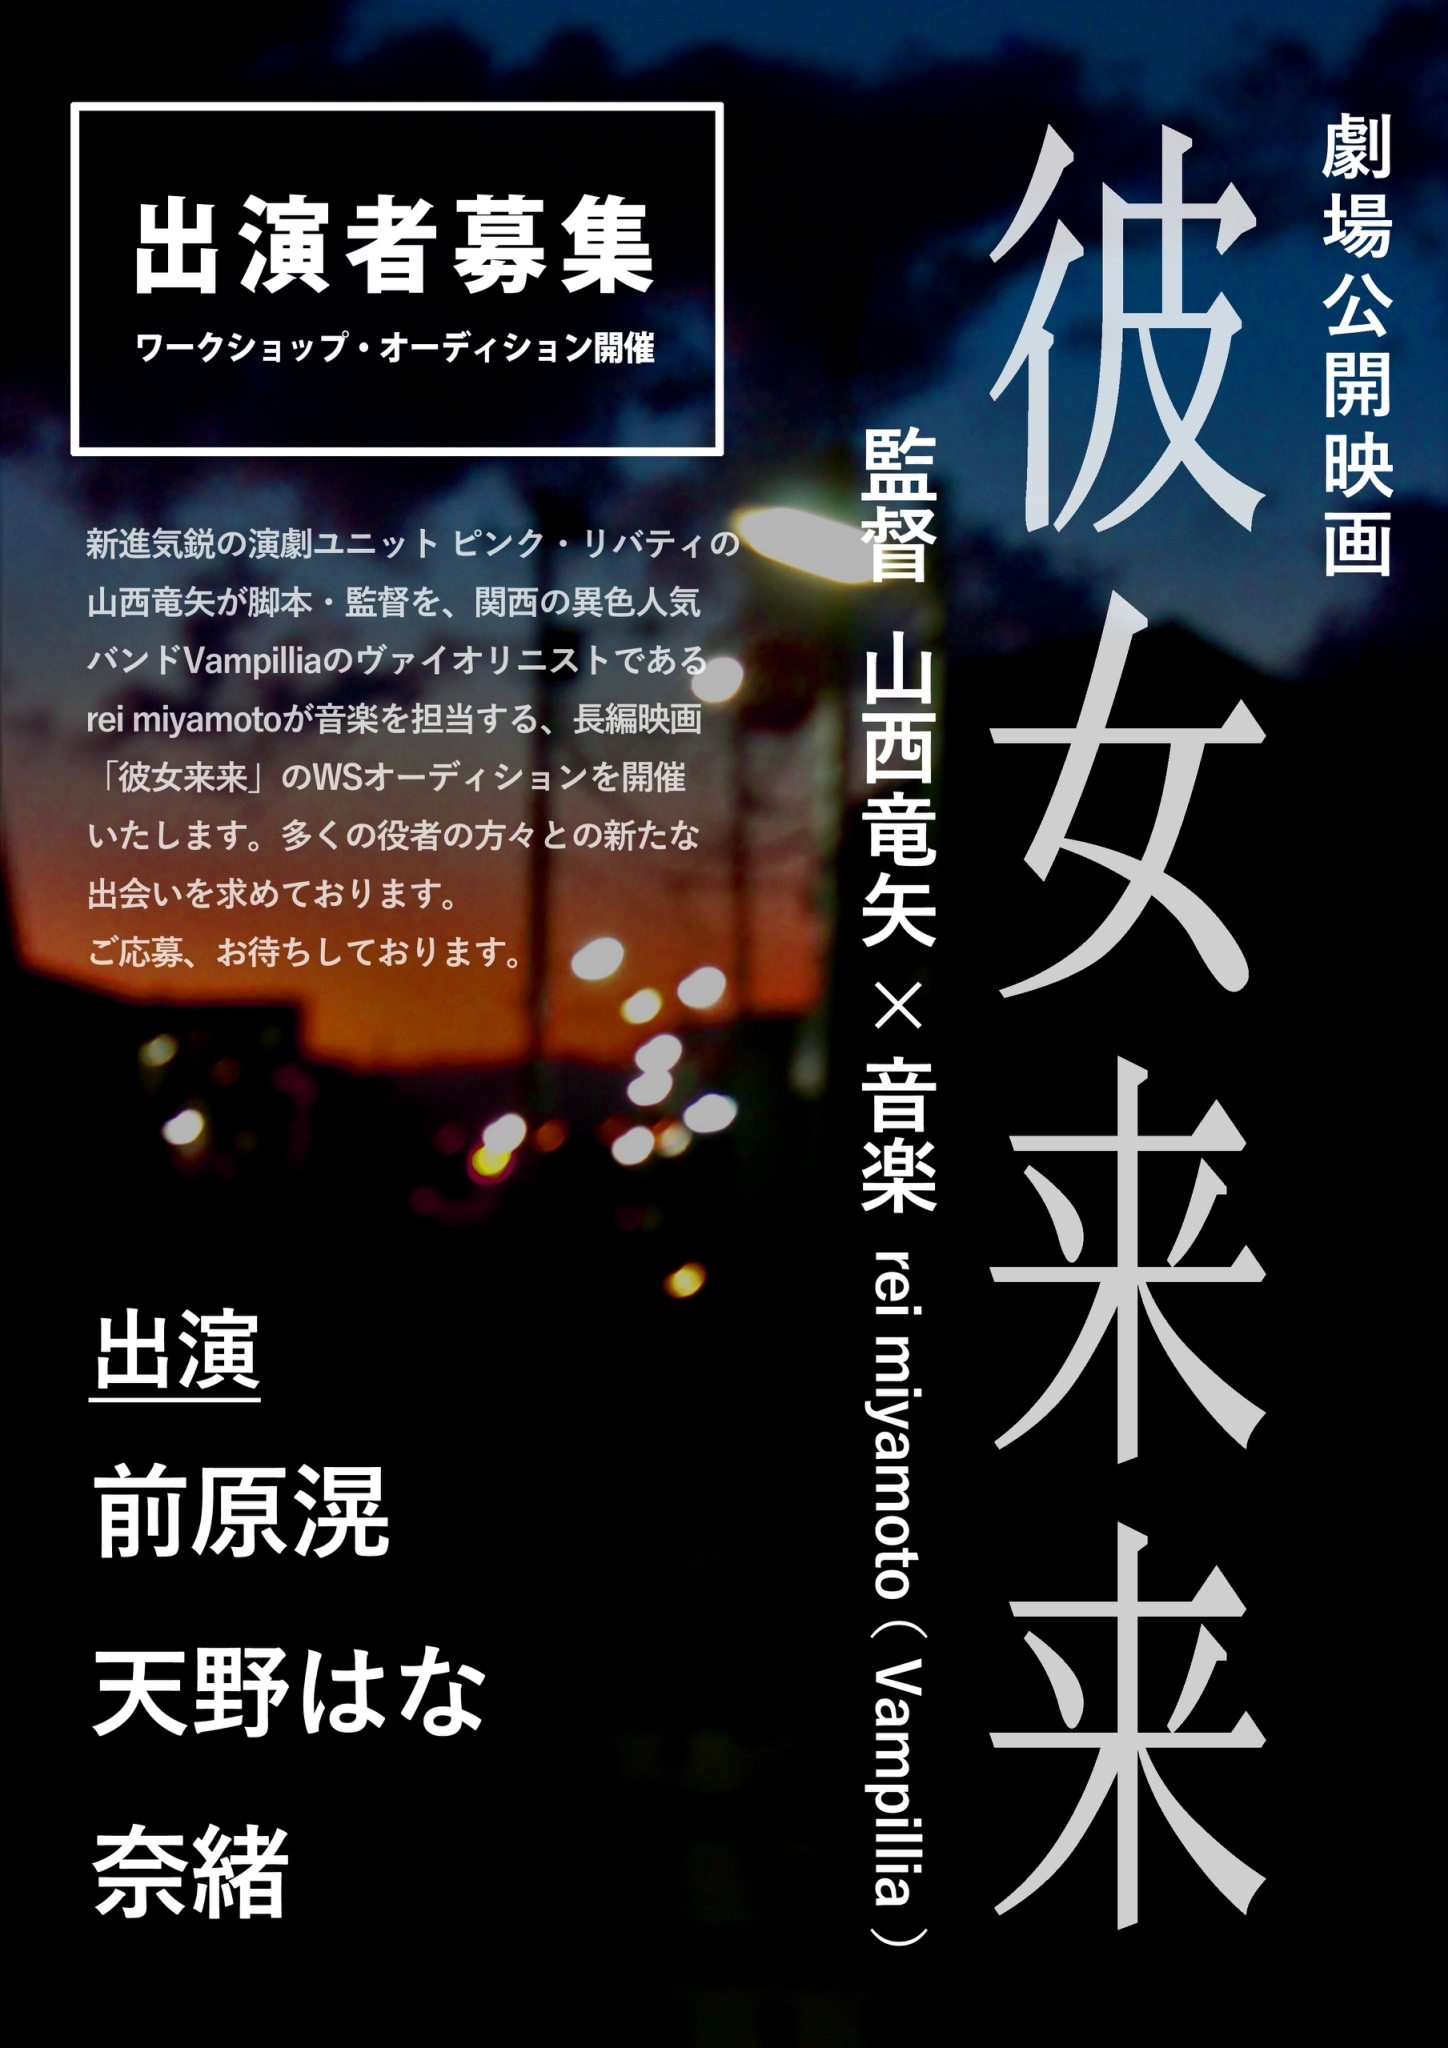 オーディション 劇場公開映画「彼女来来」ワークショップオーディション 主催:映画「彼女来来」、カテゴリ:映画